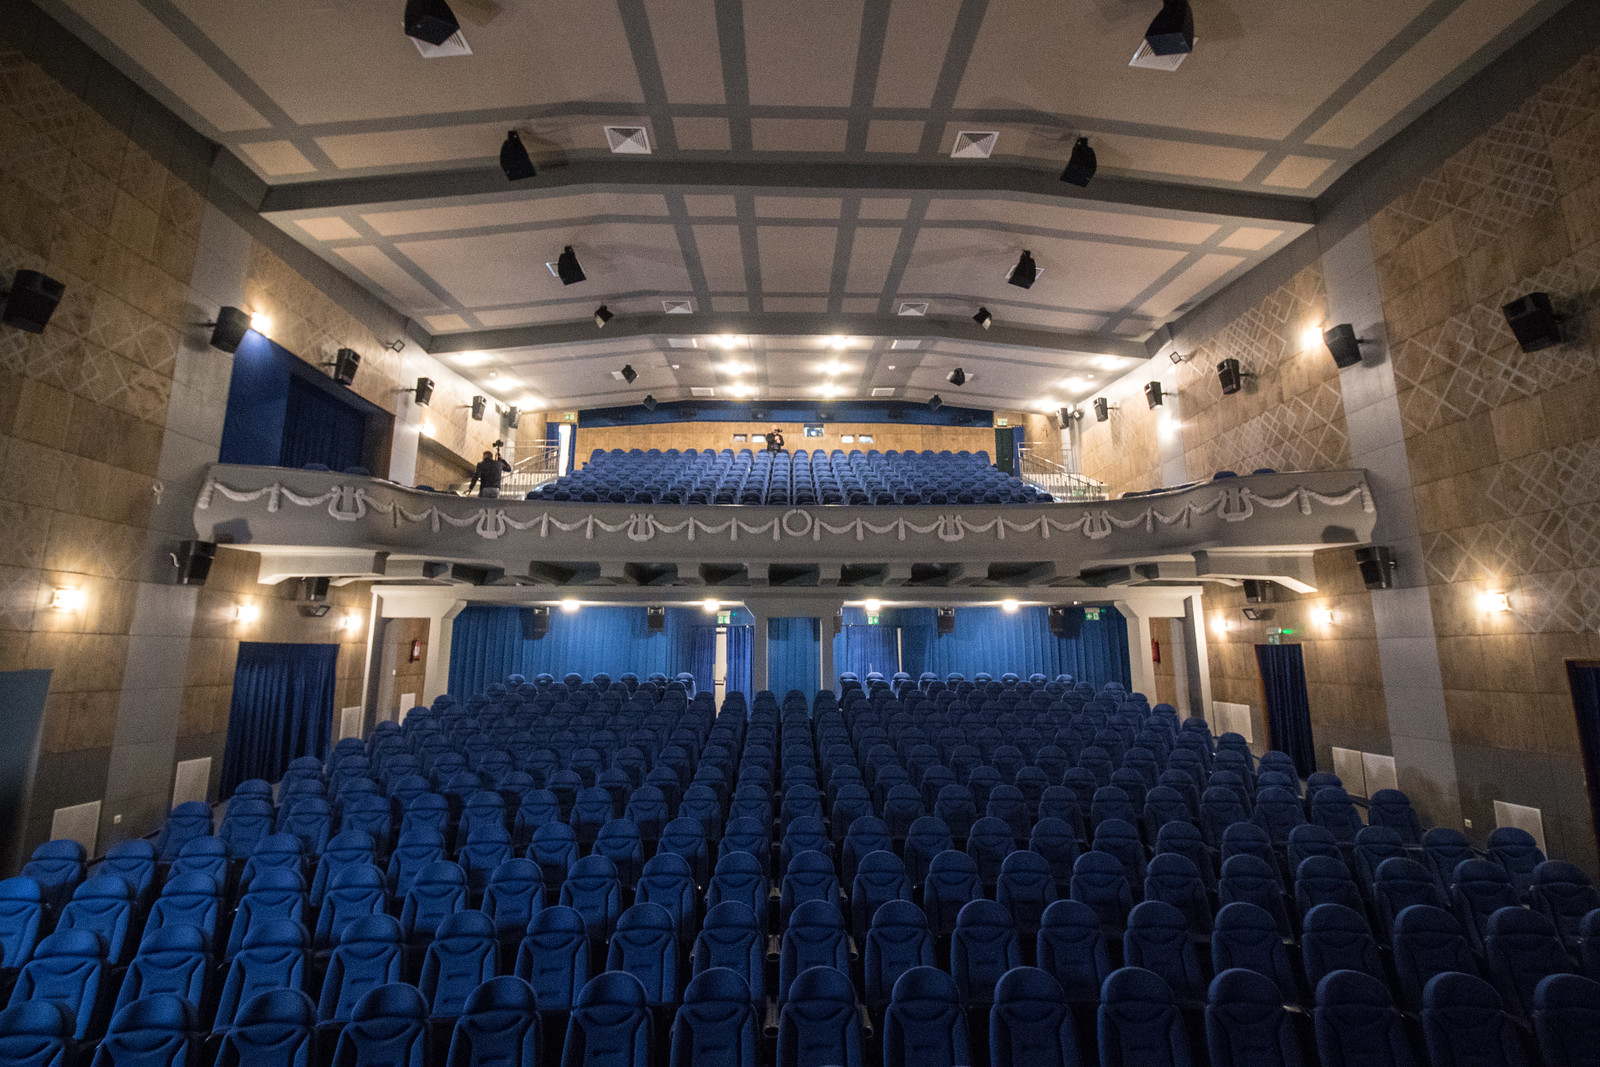 Koronavírus: bezárnak a szegedi színházak, mozik, uszodák, rendezvényeket mondanak le